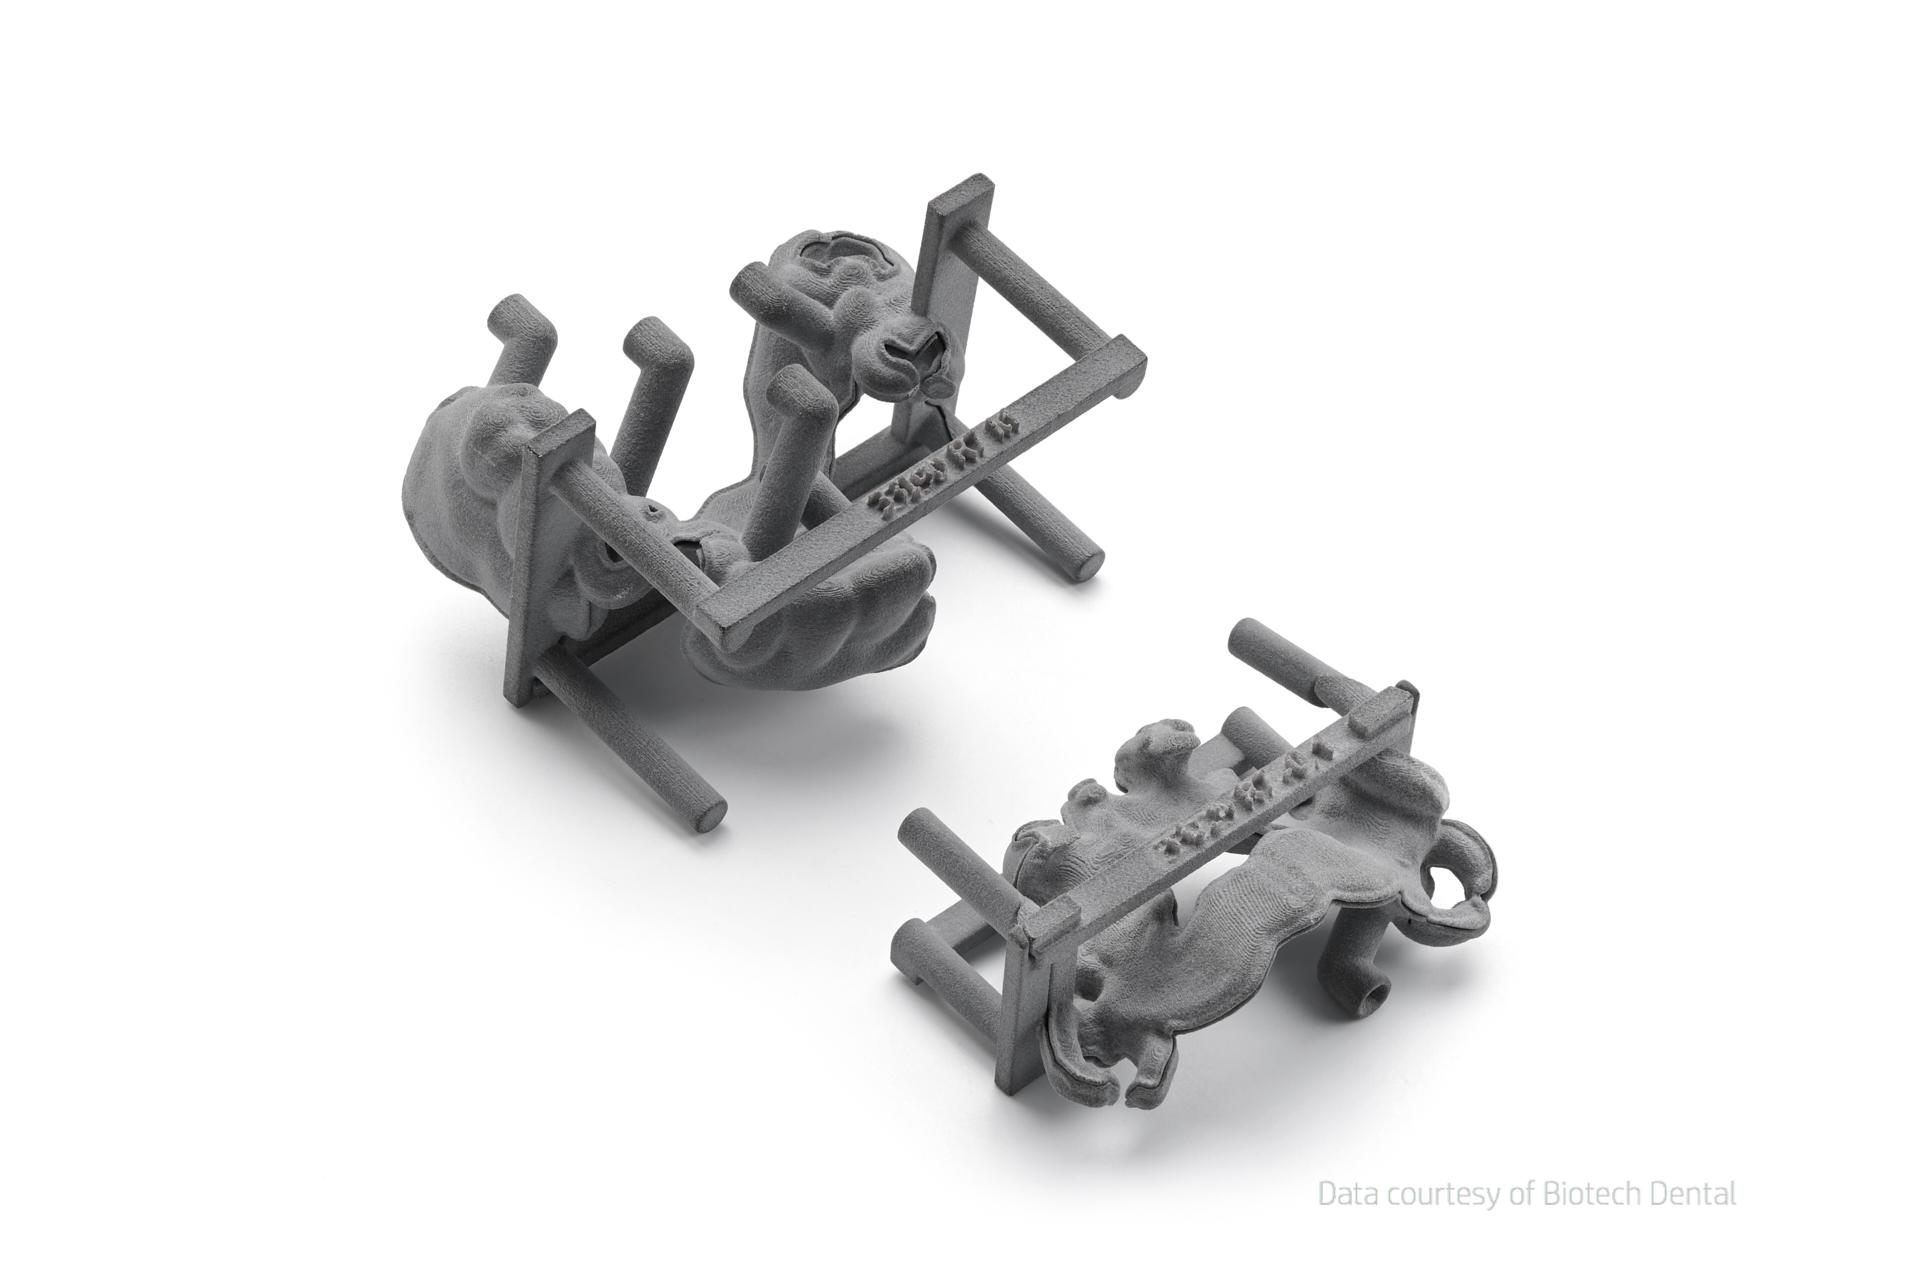 Eine zweiteilige Form zur Aufnahme eines Metallgerüsts für Zahnprotesen